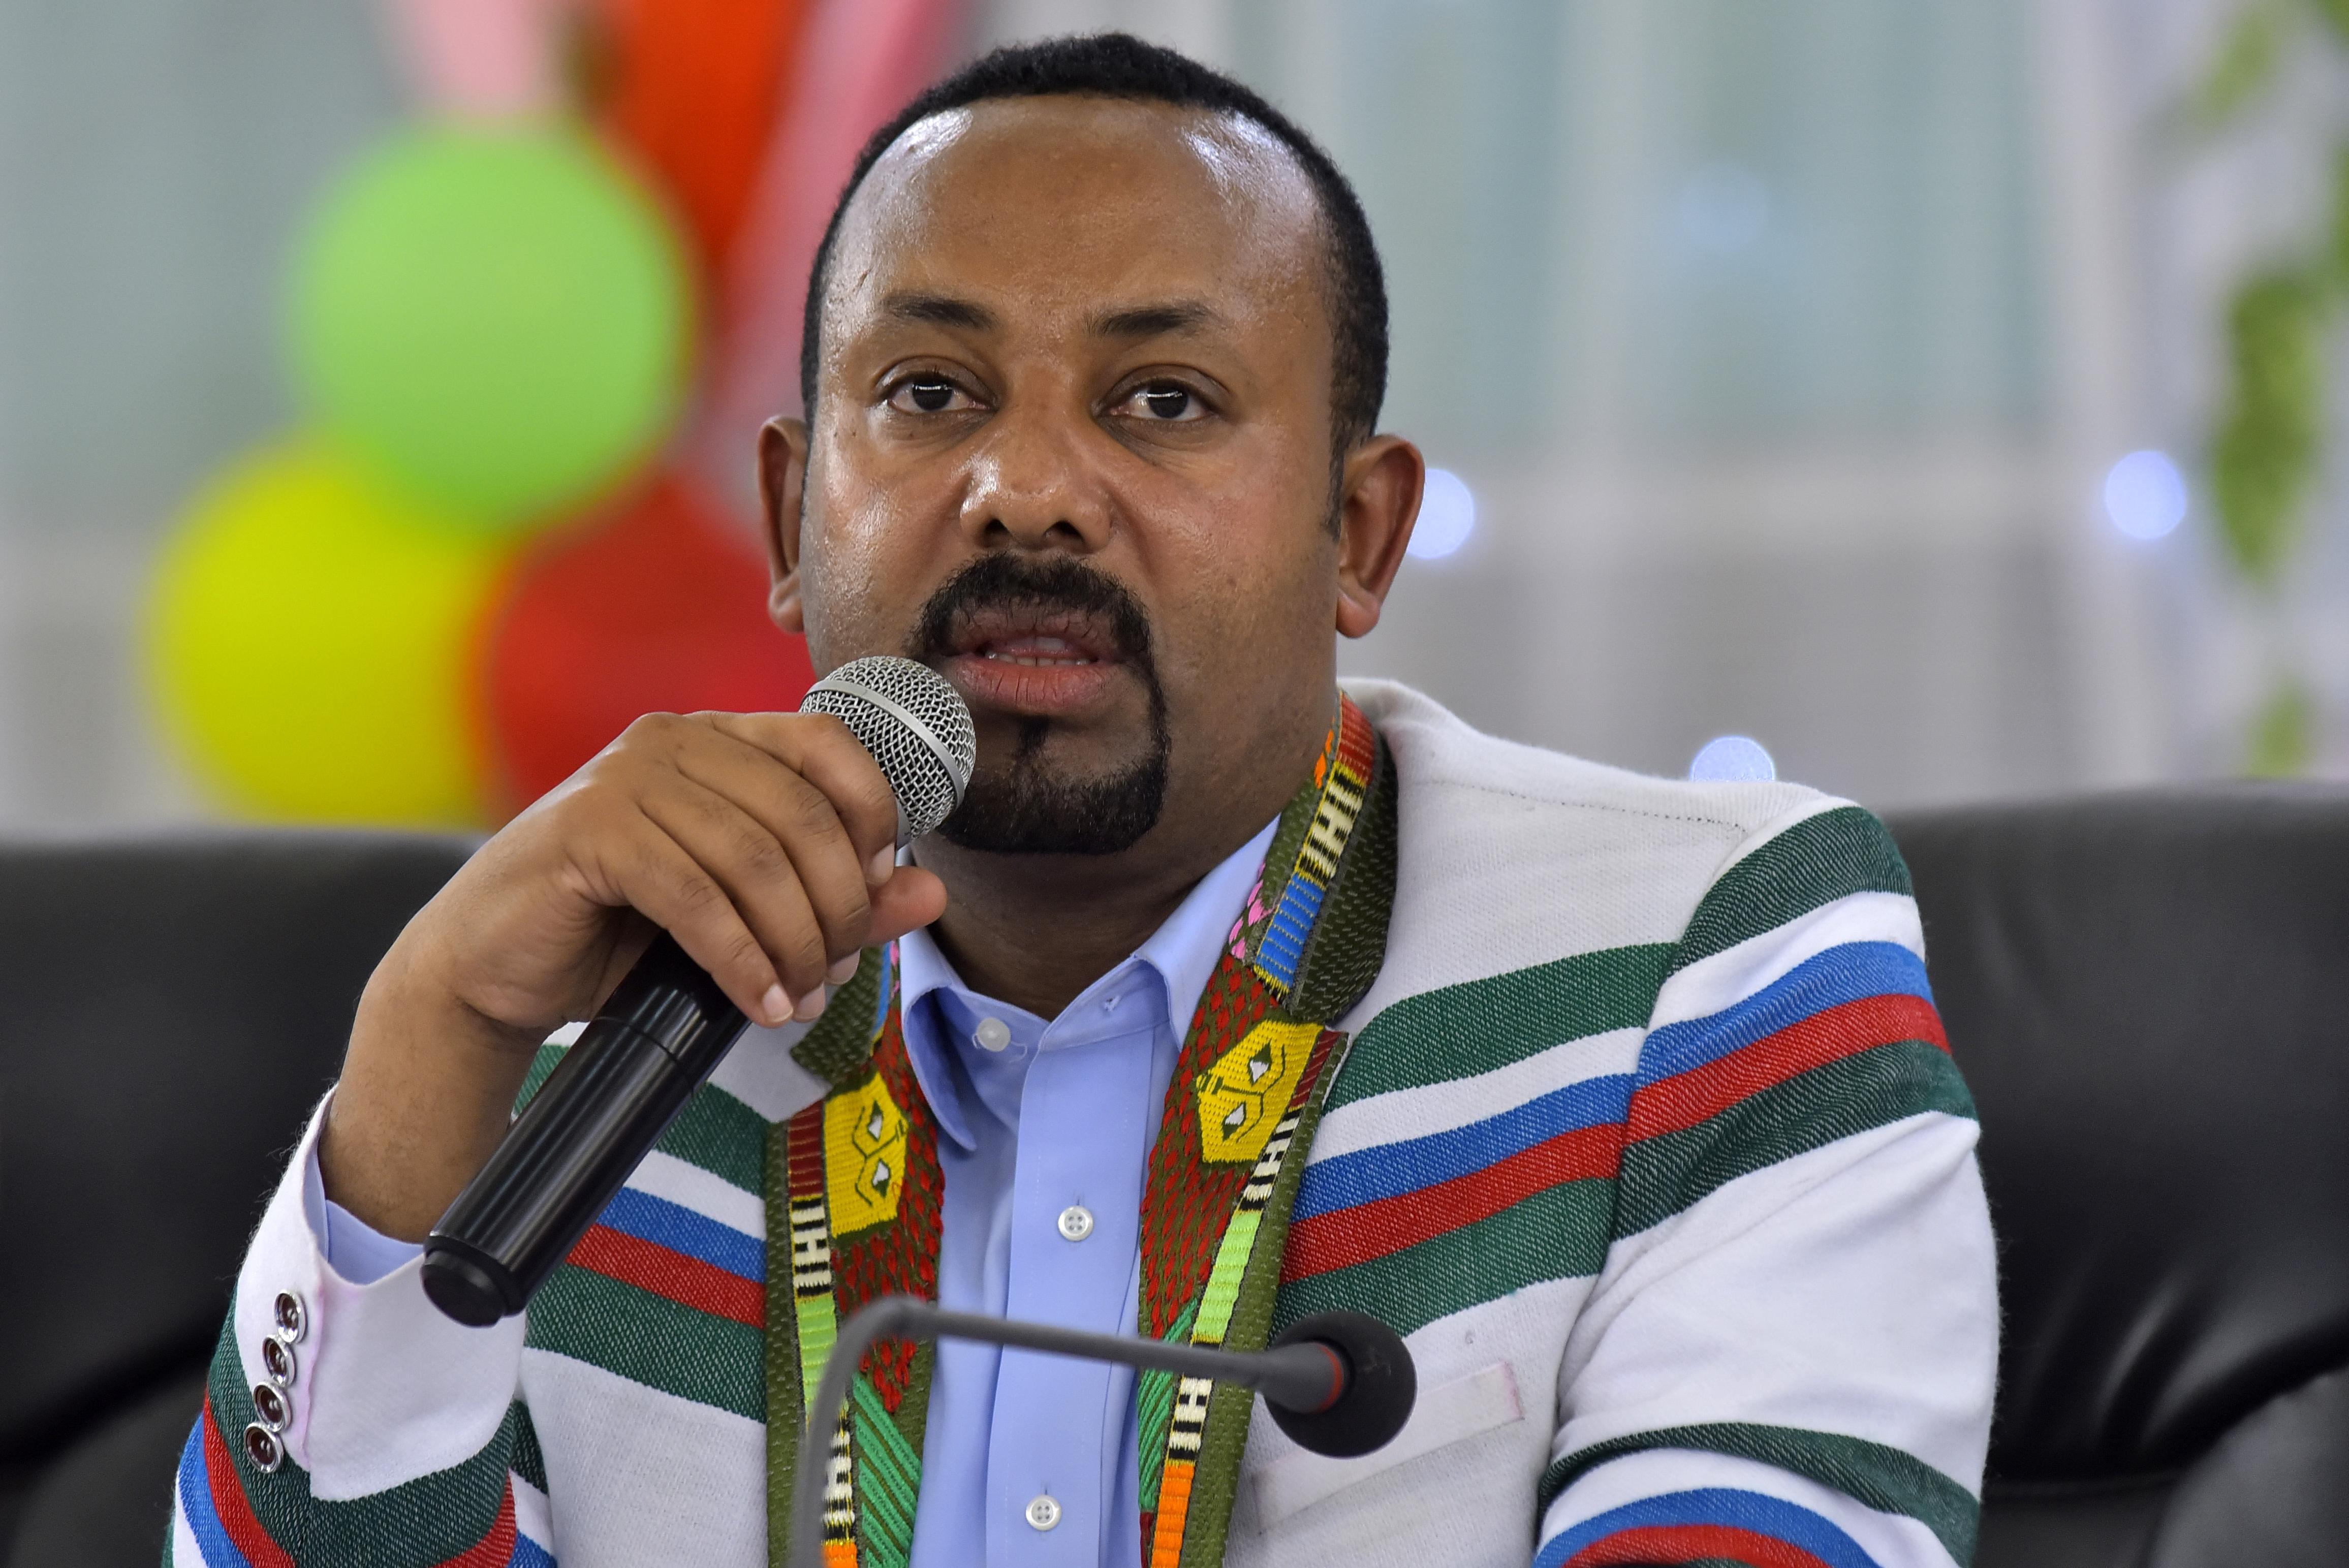 Ahmed Abij etióp miniszterelnök kapta az idei Nobel-békedíjat